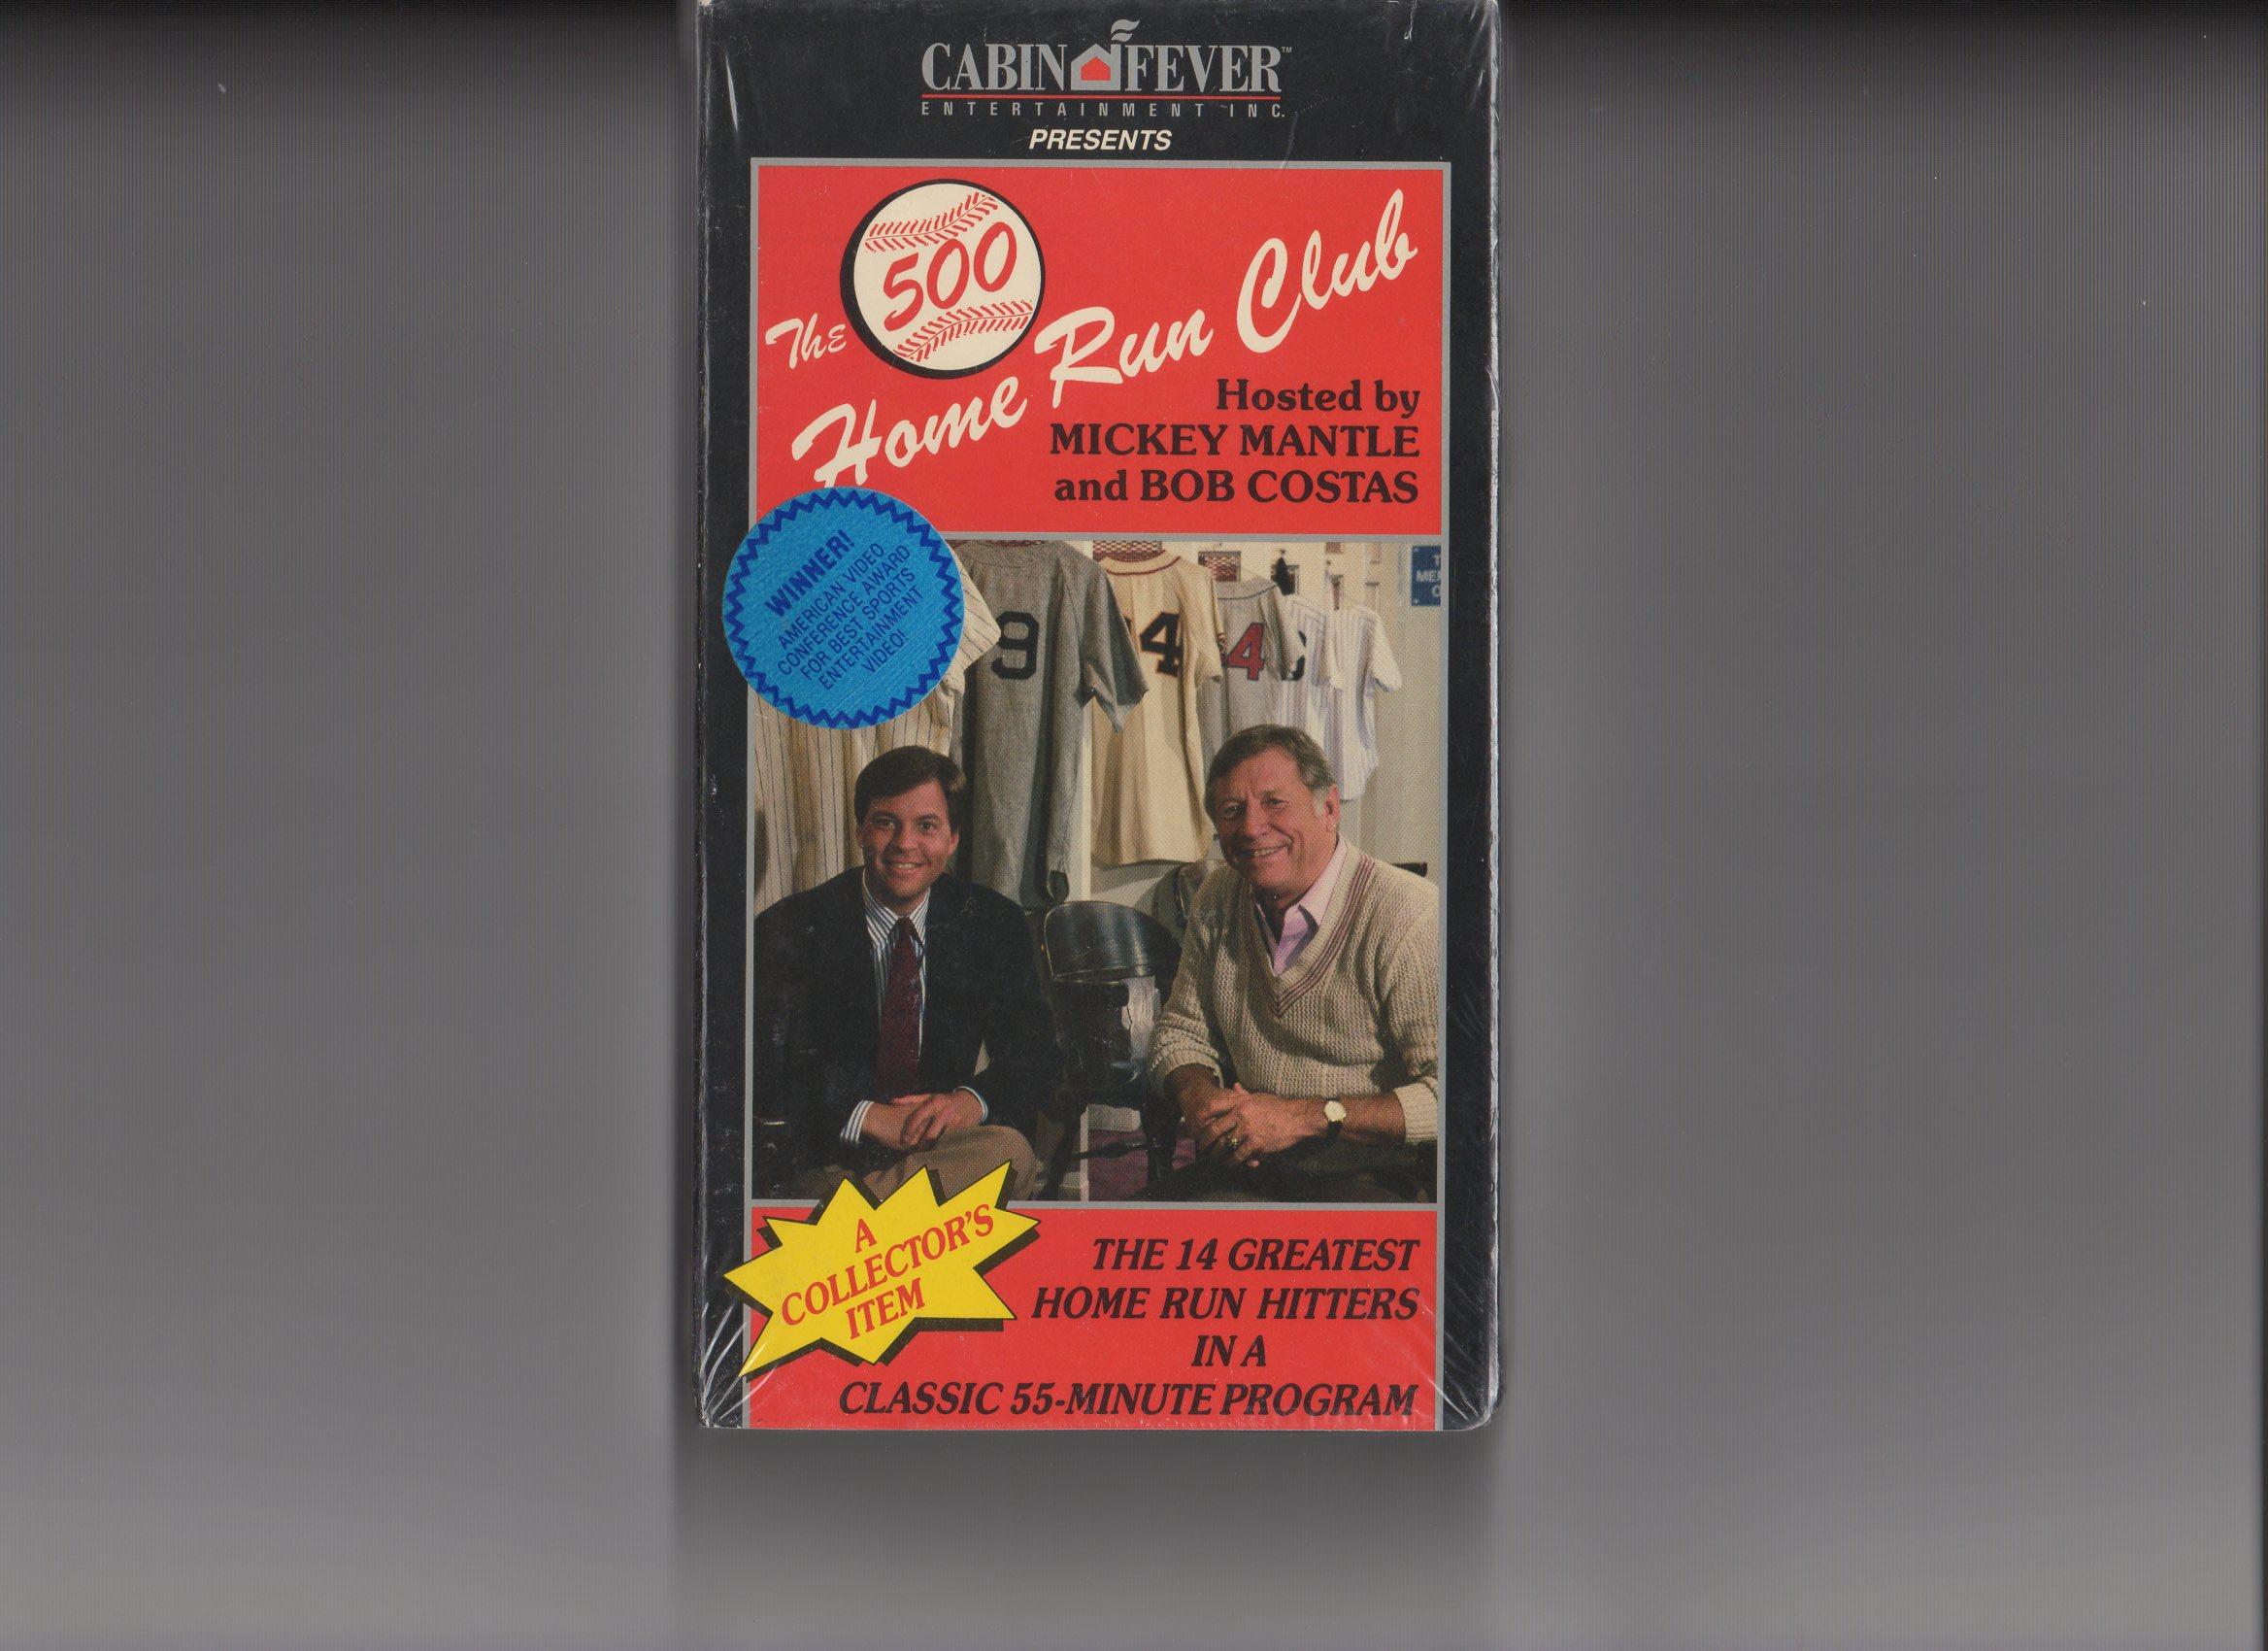 1988 cabin fever vhs tape